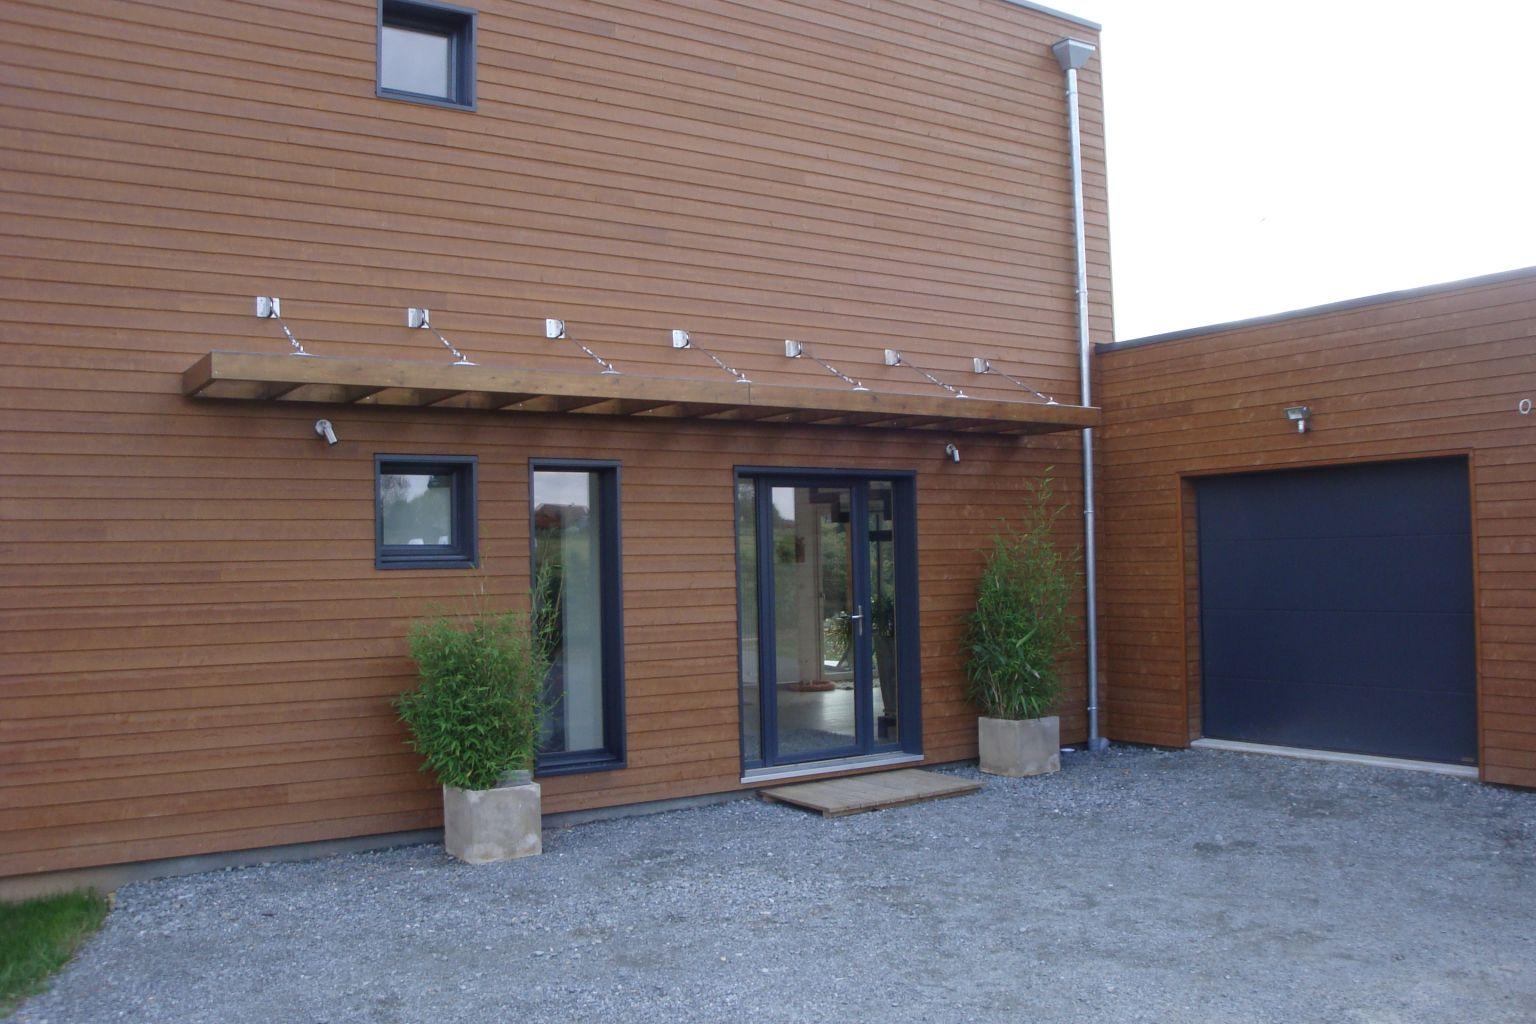 Maison bois Montville (76710) > DJSLBois